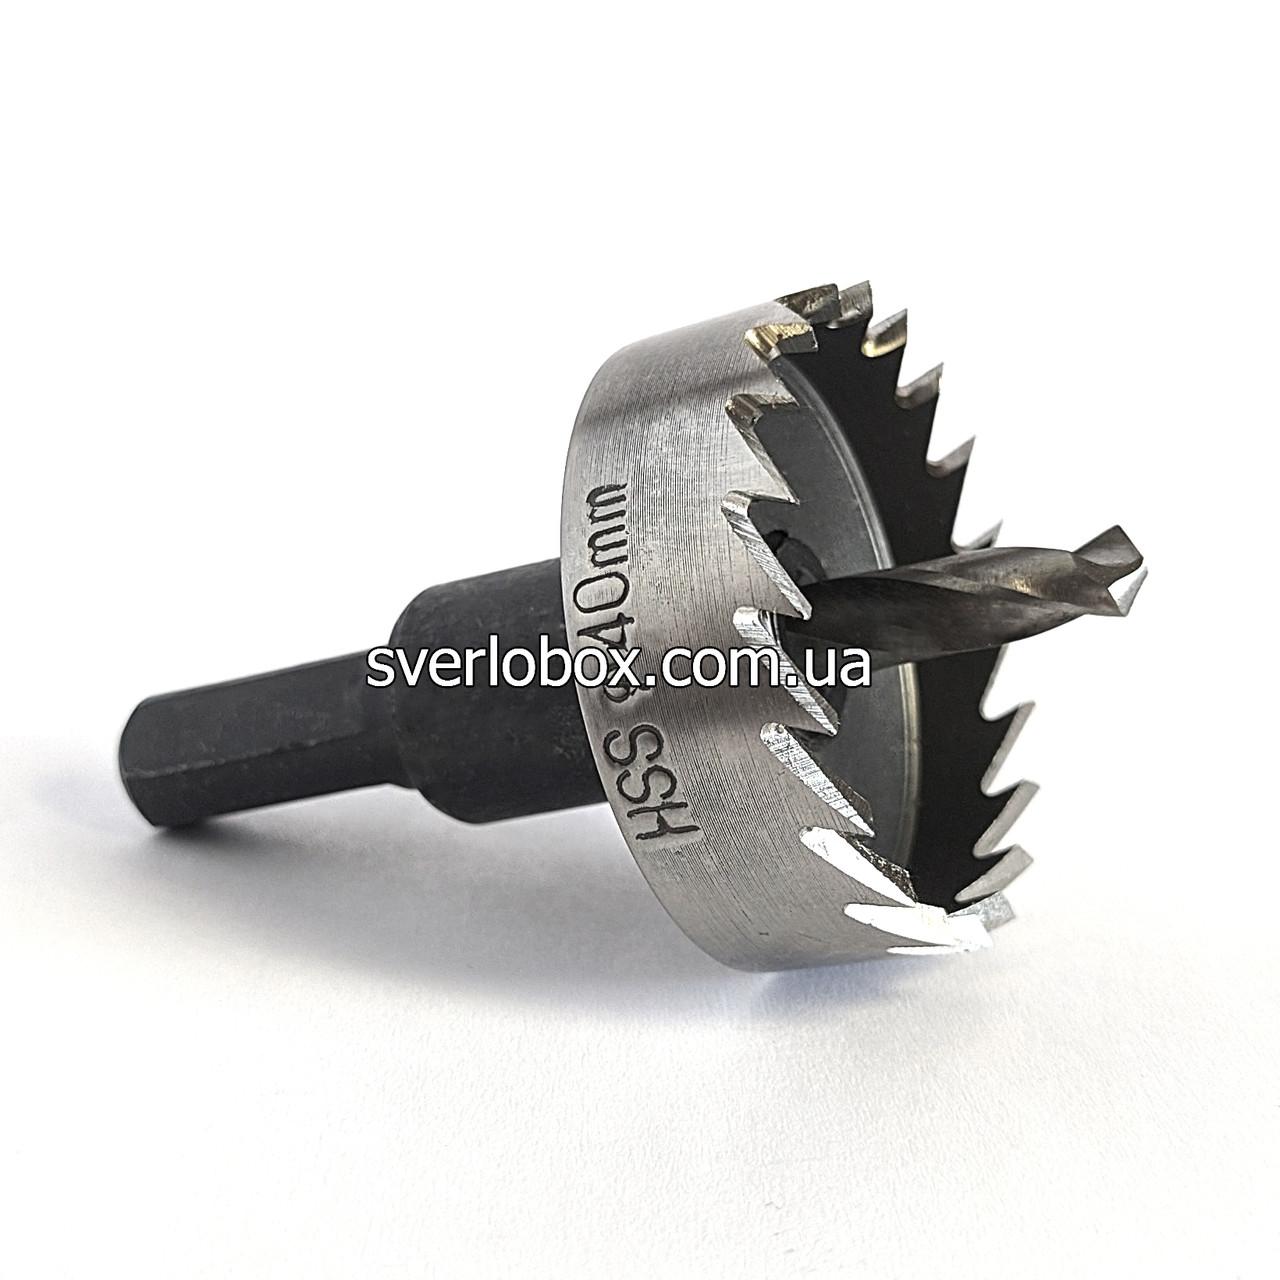 Коронка по металу 35 мм . Коронка фрезчатая 35 мм по металу (HSS)